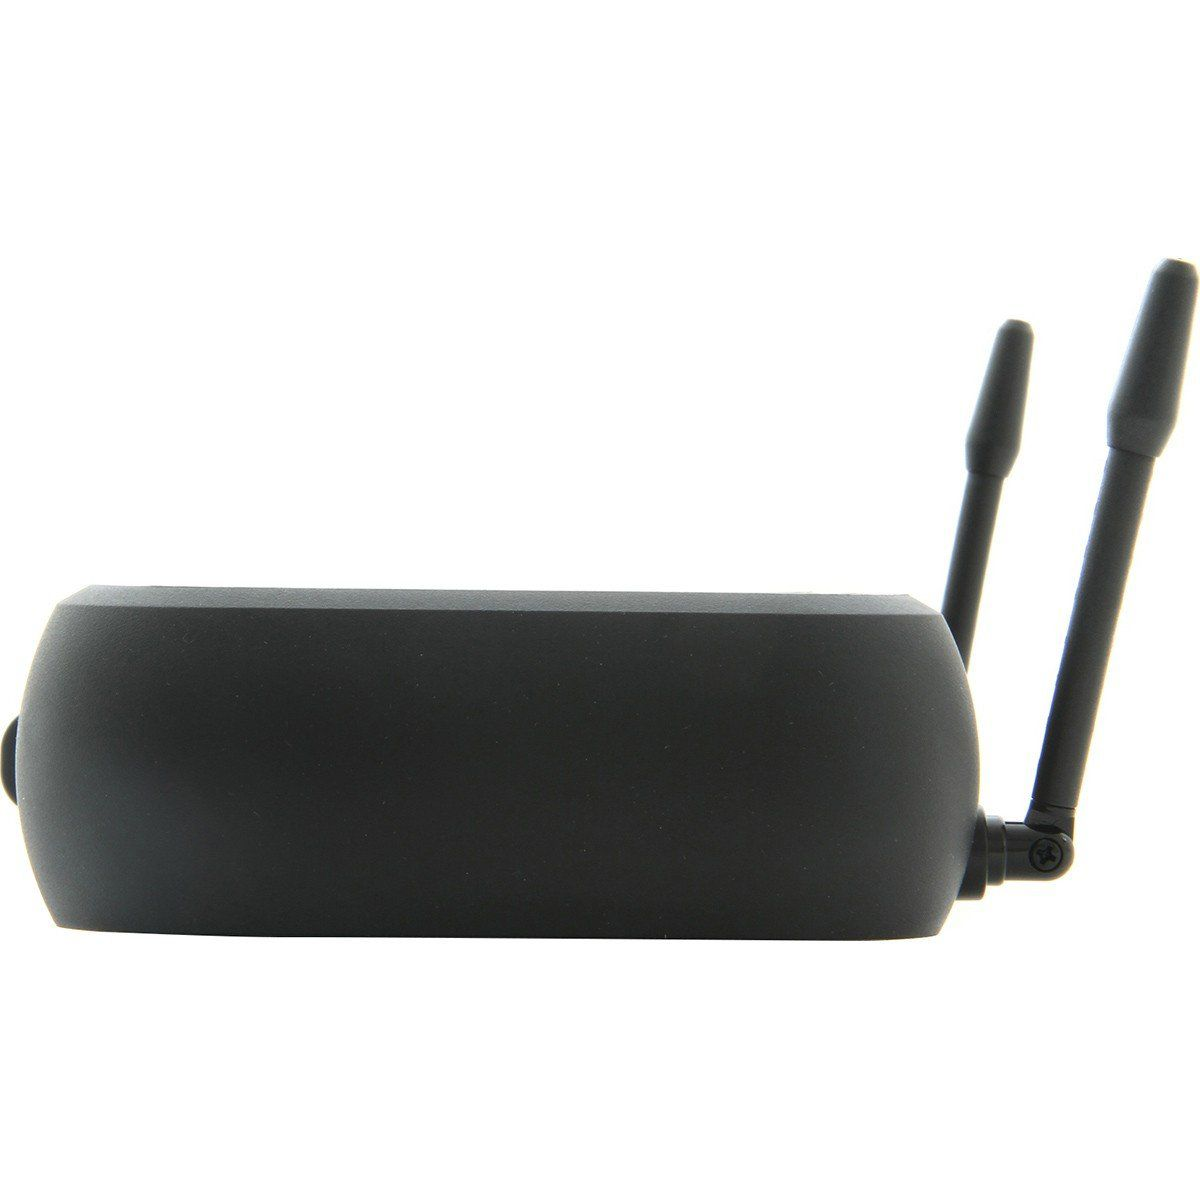 Shure PGXD24/Beta58A Microfone Shure PGXD24 B58A para Gravação e Vocais